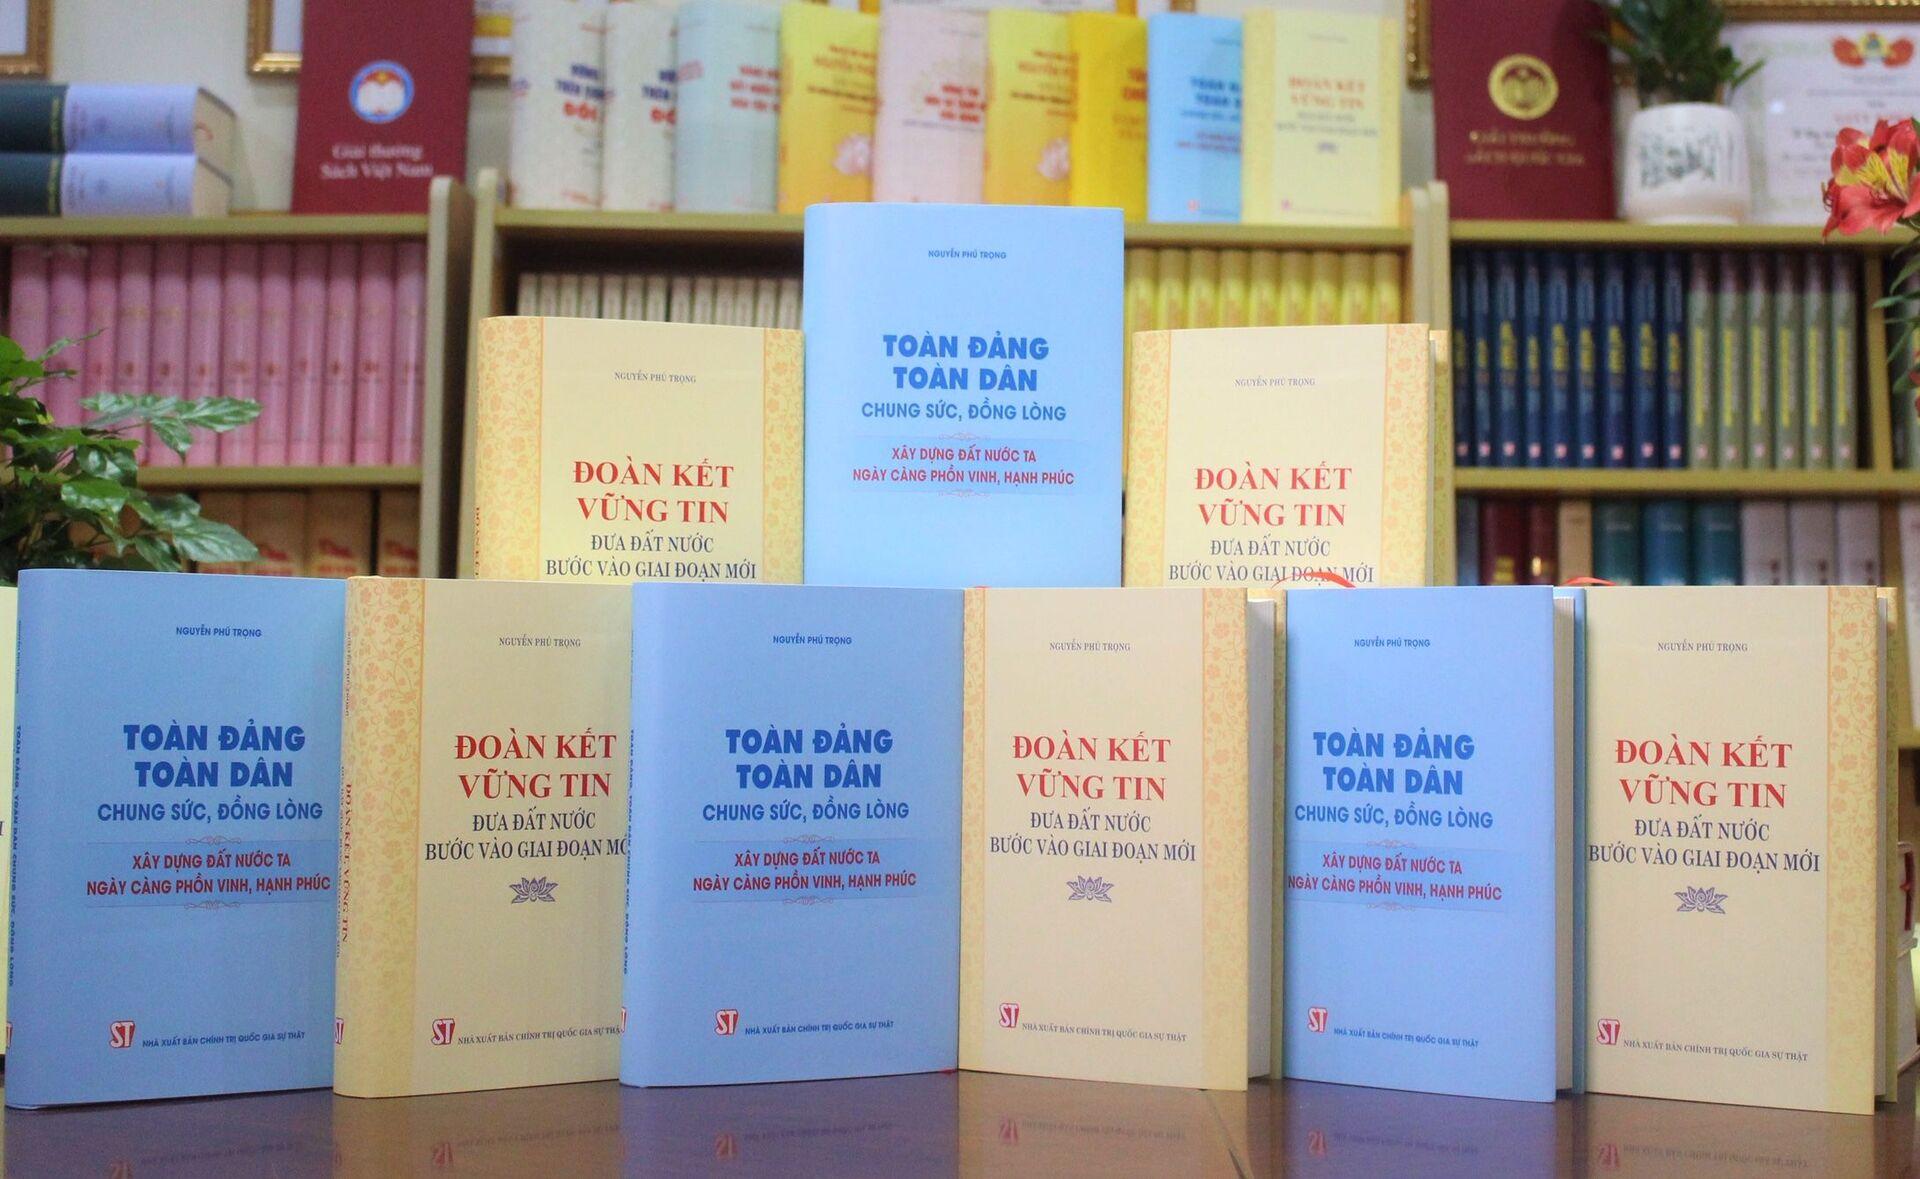 Nhà xuất bản Chính trị quốc gia Sự thật giới thiệu hai cuốn sách của đồng chí Tổng Bí thư Nguyễn Phú Trọng. - Sputnik Việt Nam, 1920, 05.10.2021